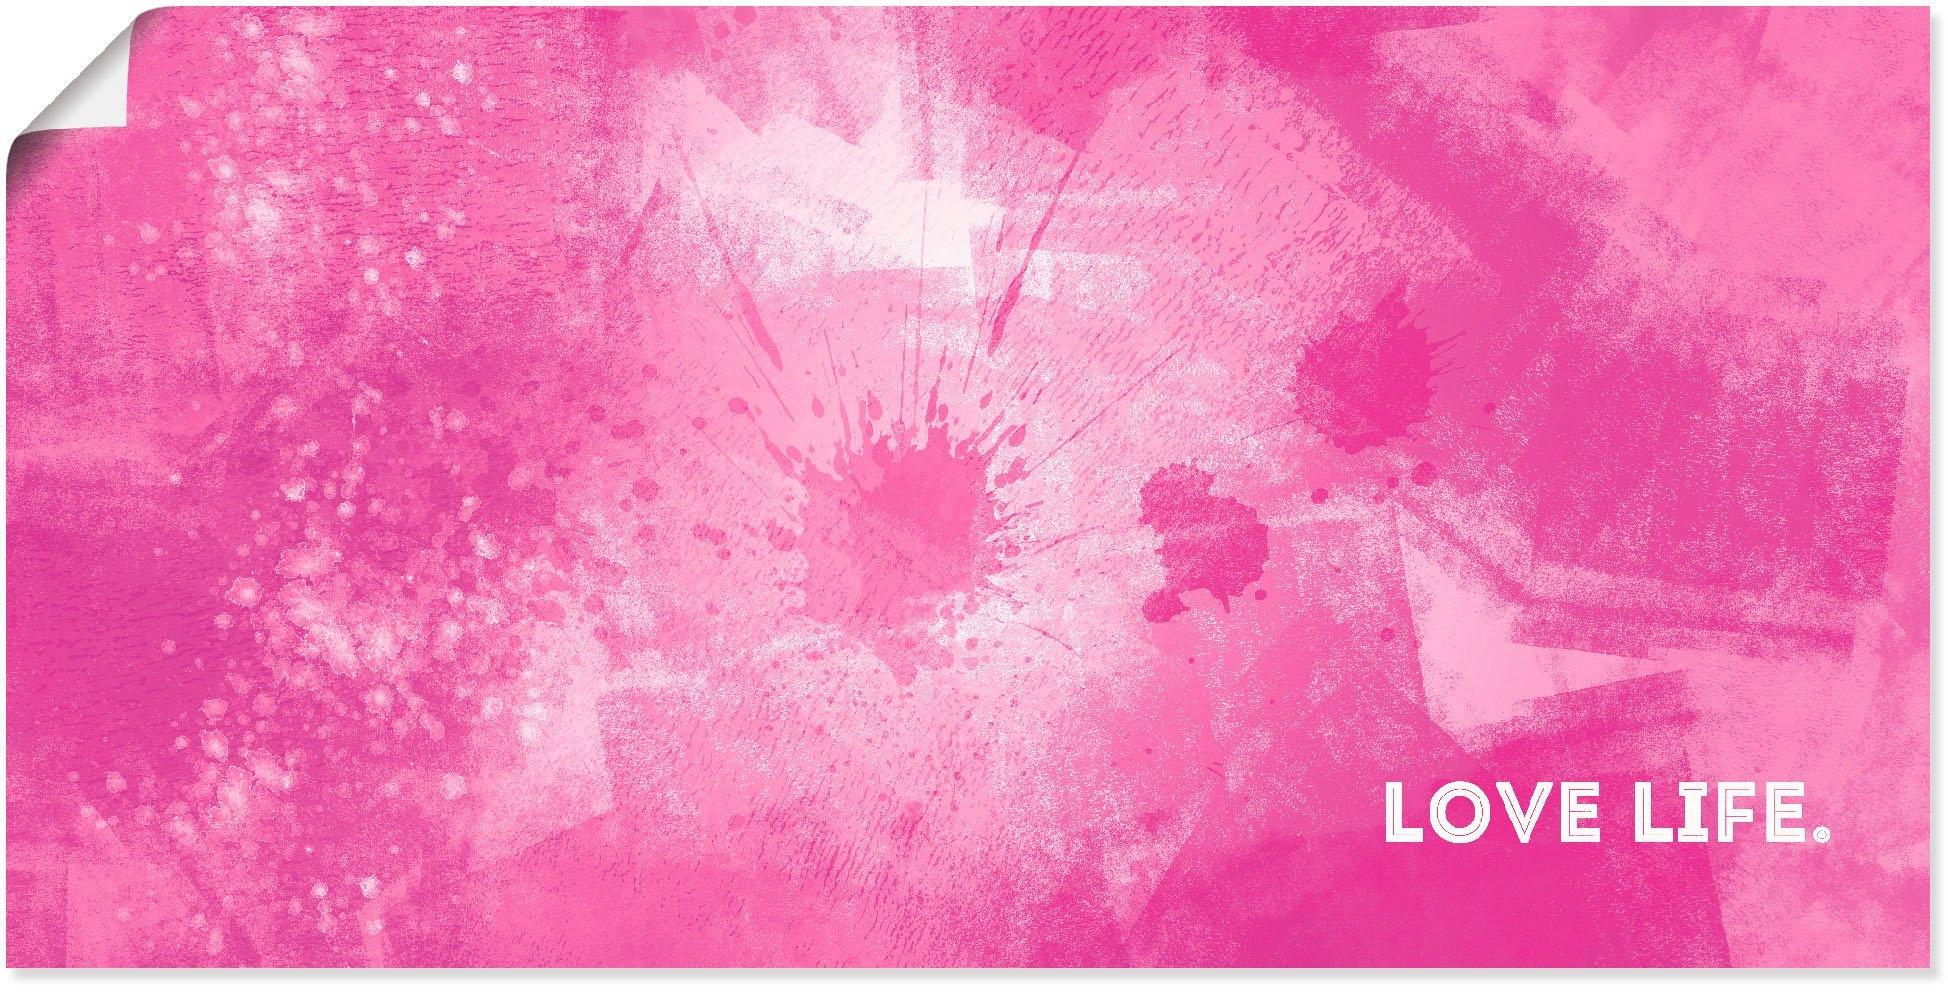 Artland artprint Emotionele kunst liefdesleven in vele afmetingen & productsoorten - artprint van aluminium / artprint voor buiten, artprint op linnen, poster, muursticker / wandfolie ook geschikt voor de badkamer (1 stuk) in de webshop van OTTO kopen